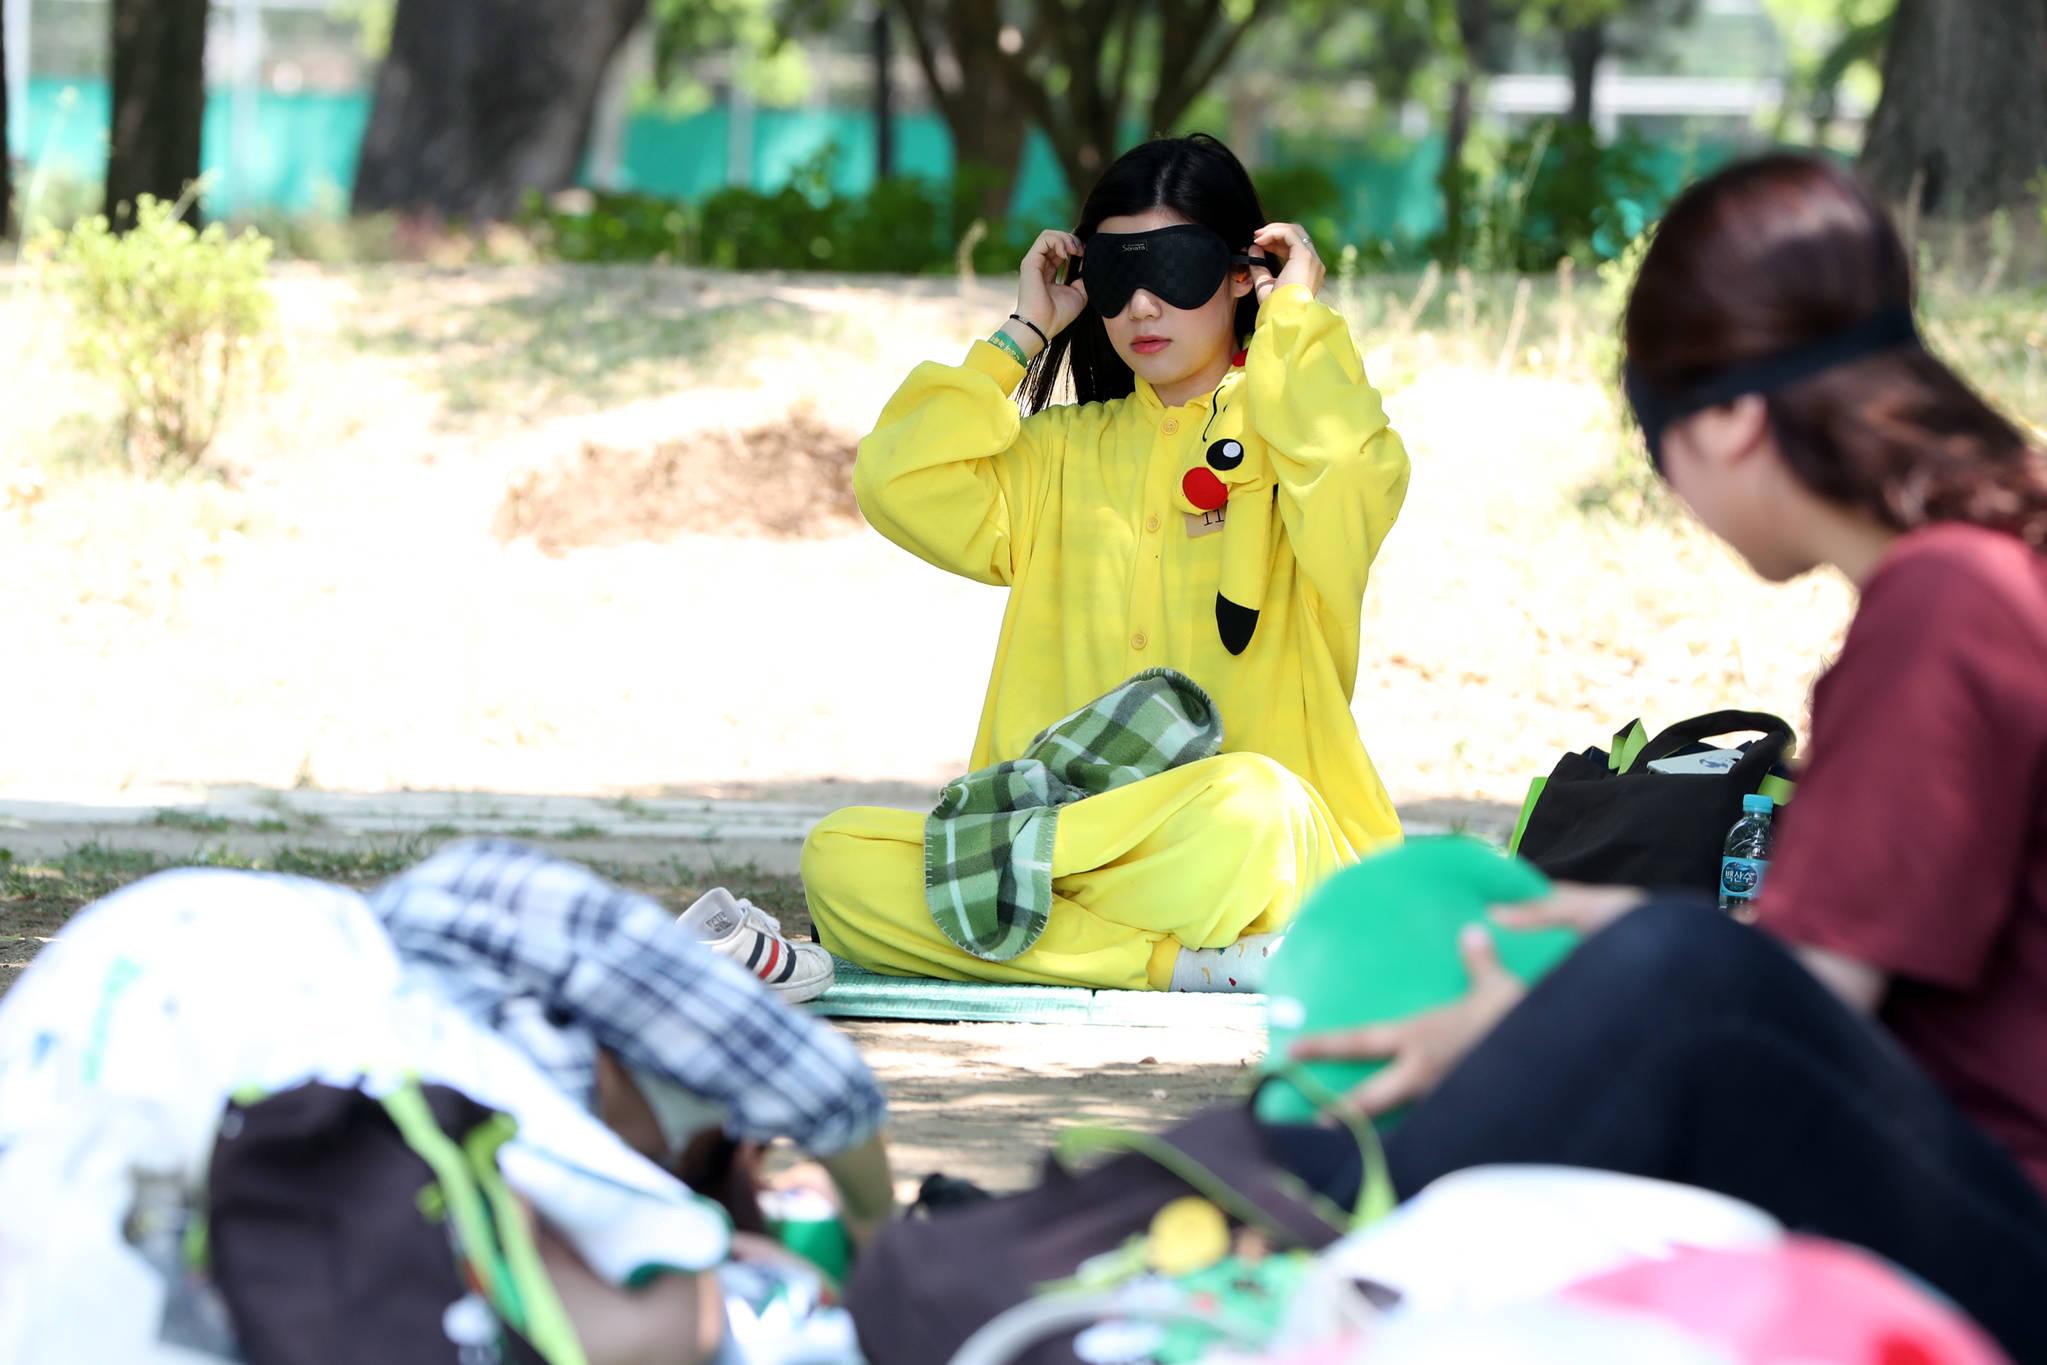 한 참가자가 피카츄 잠옷을 입고 잘 준비를 하고 있다.